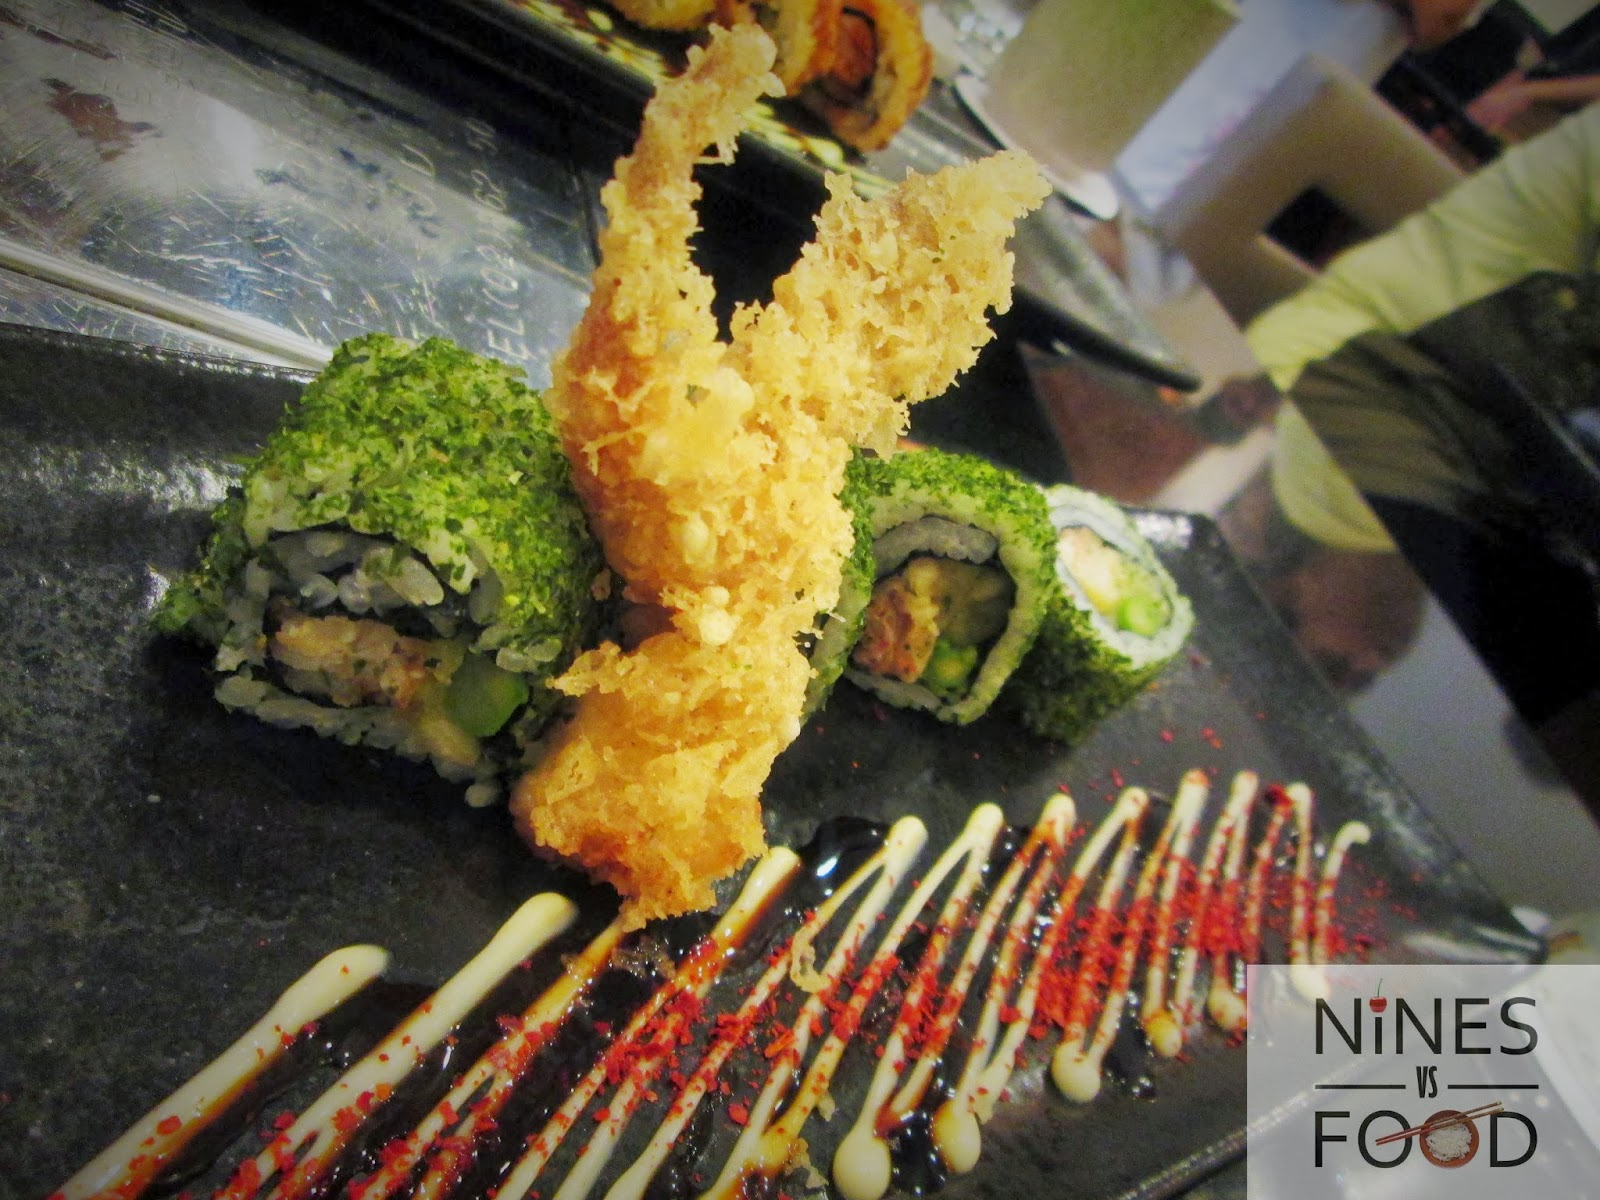 Nines vs. Food - Ogetsu Hime SM Aura Taguig-9.jpg